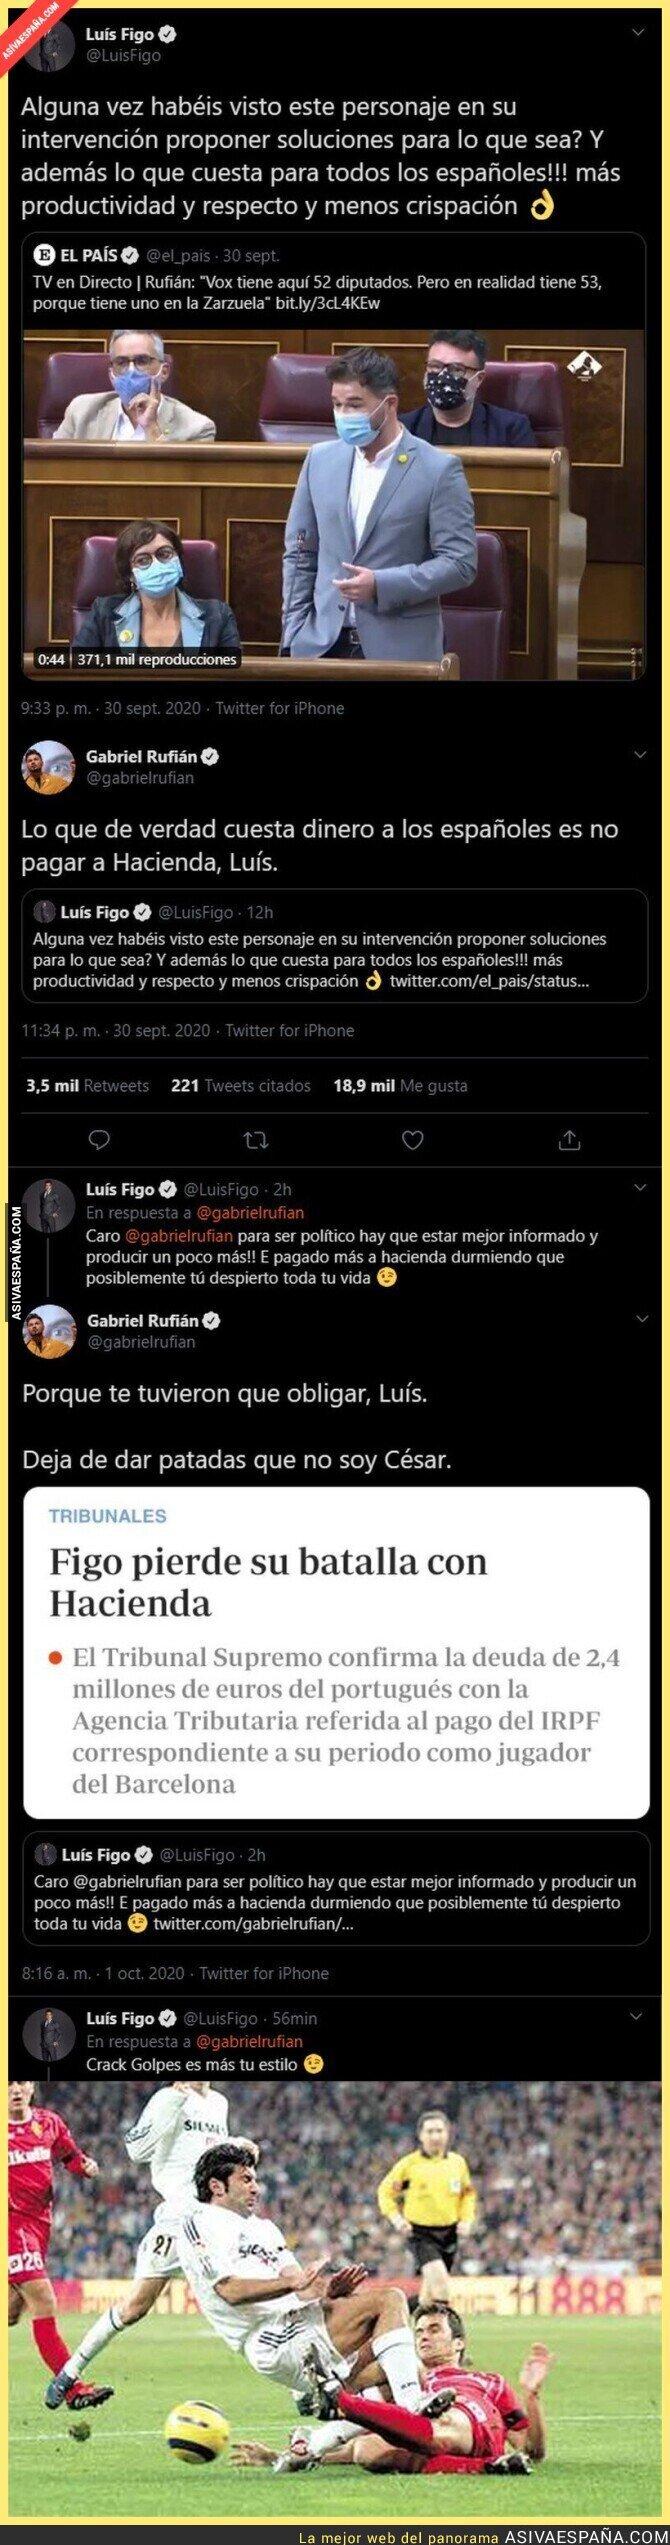 393575 - Luis Figo se mete con Gabriel Rufián por esta intervención en el Congreso y sale totalmente escaldado tras responderle el diputado